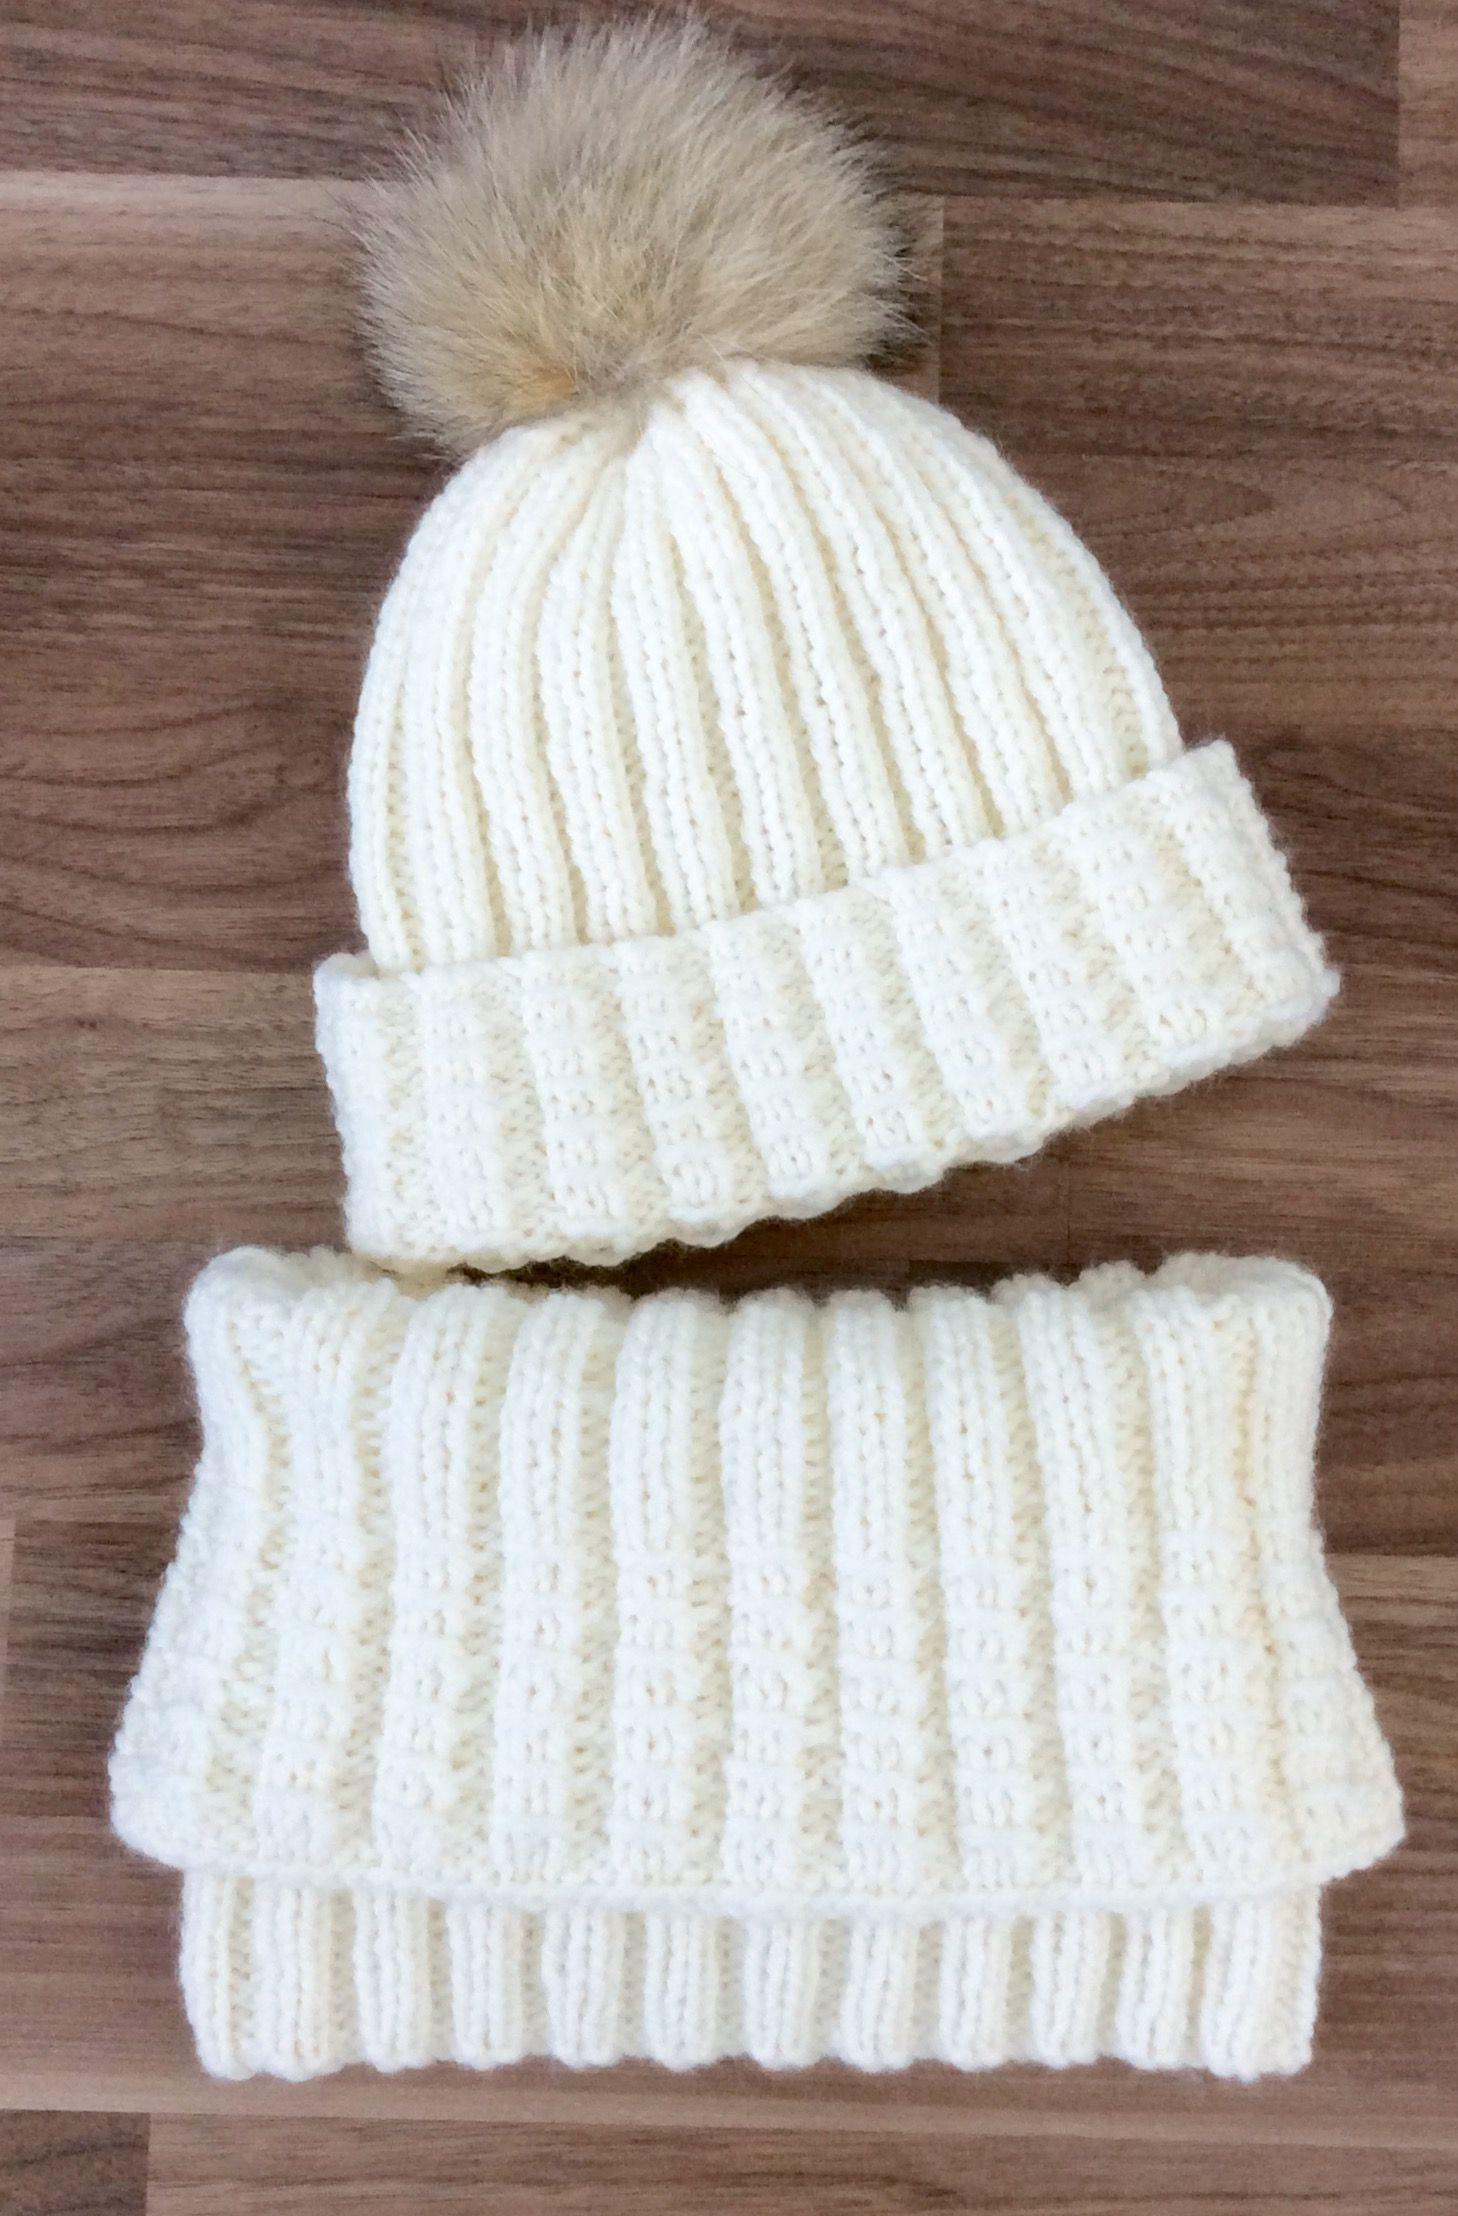 Boutique de laine et de fil à tricoter. Revues et accessoires de tricot.  Confection sur mesure. Cours de tricot et crochet pour tous les niveaux. d28c7a7068d